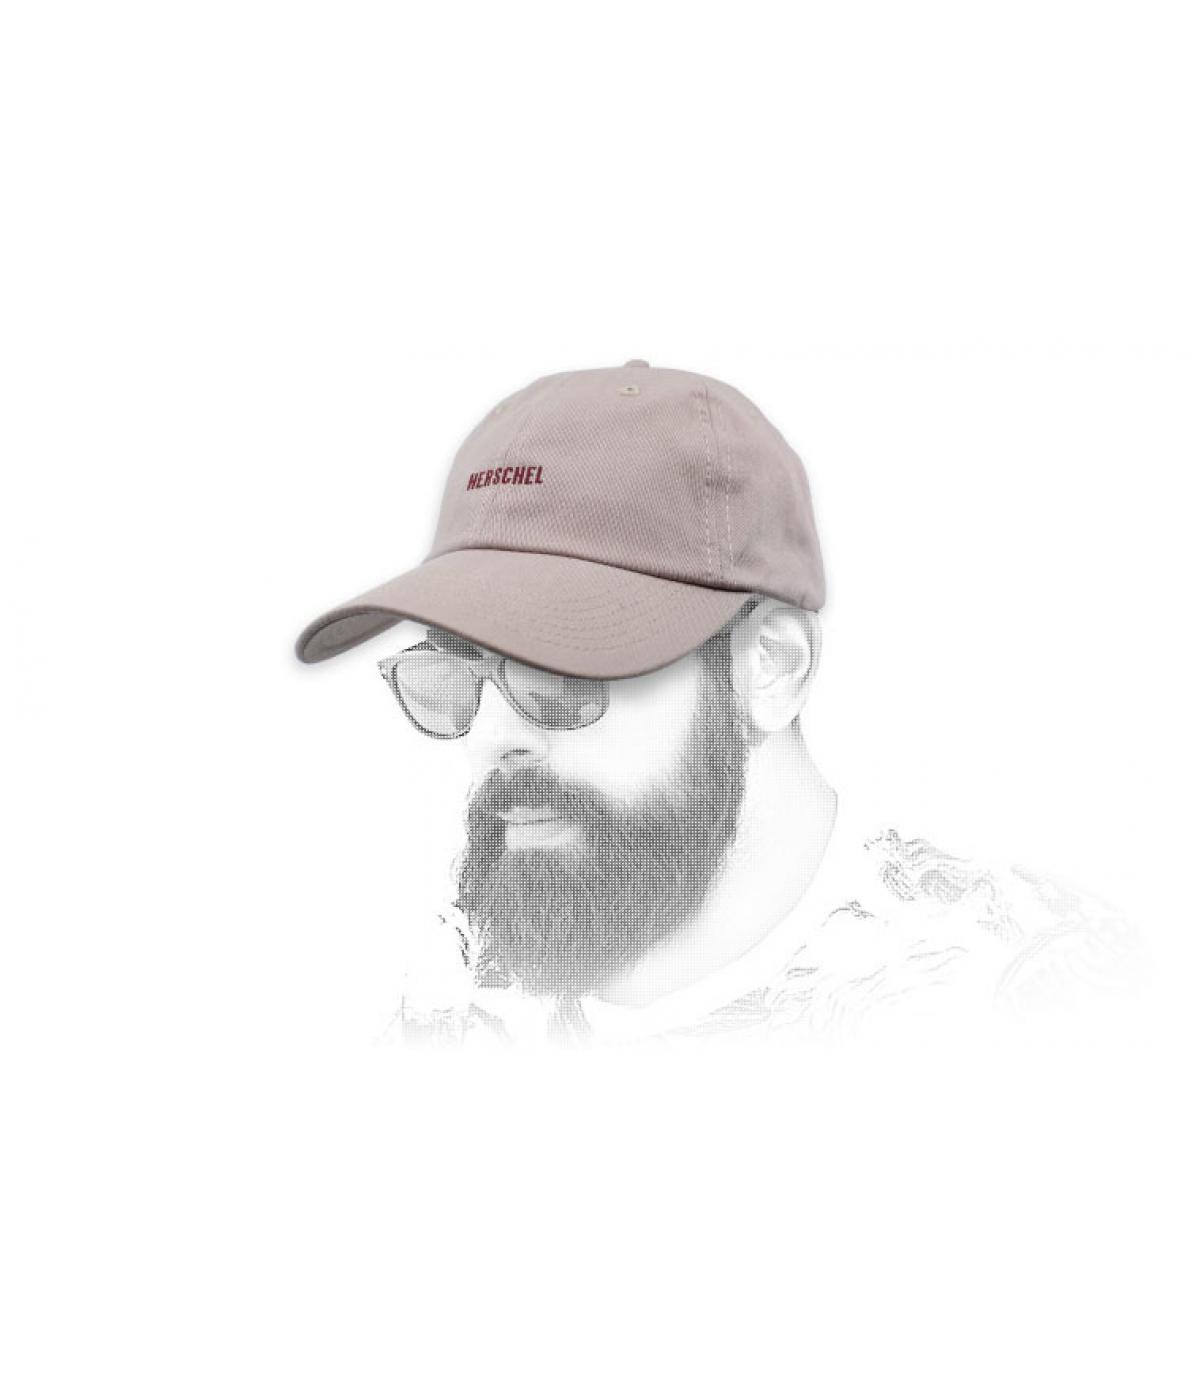 Cappellino rosa Herschel